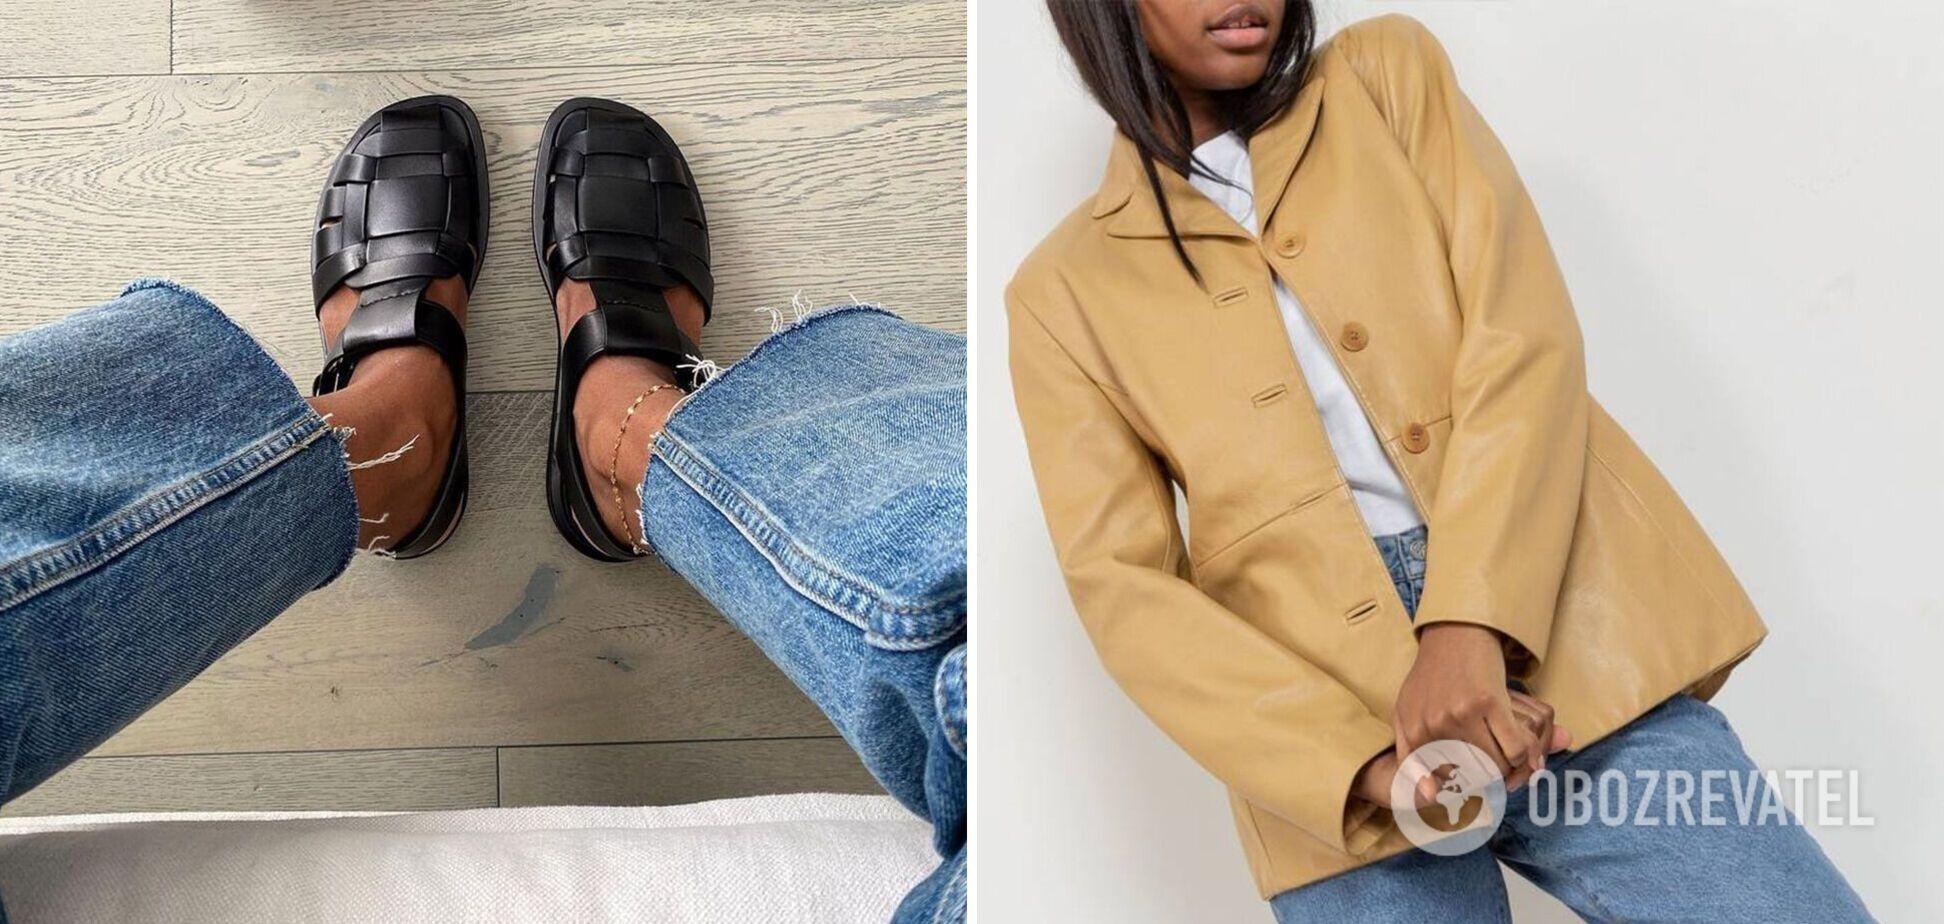 Сандалі та вінтажні піджаки назвали головною покупкою 2021 року. Фото